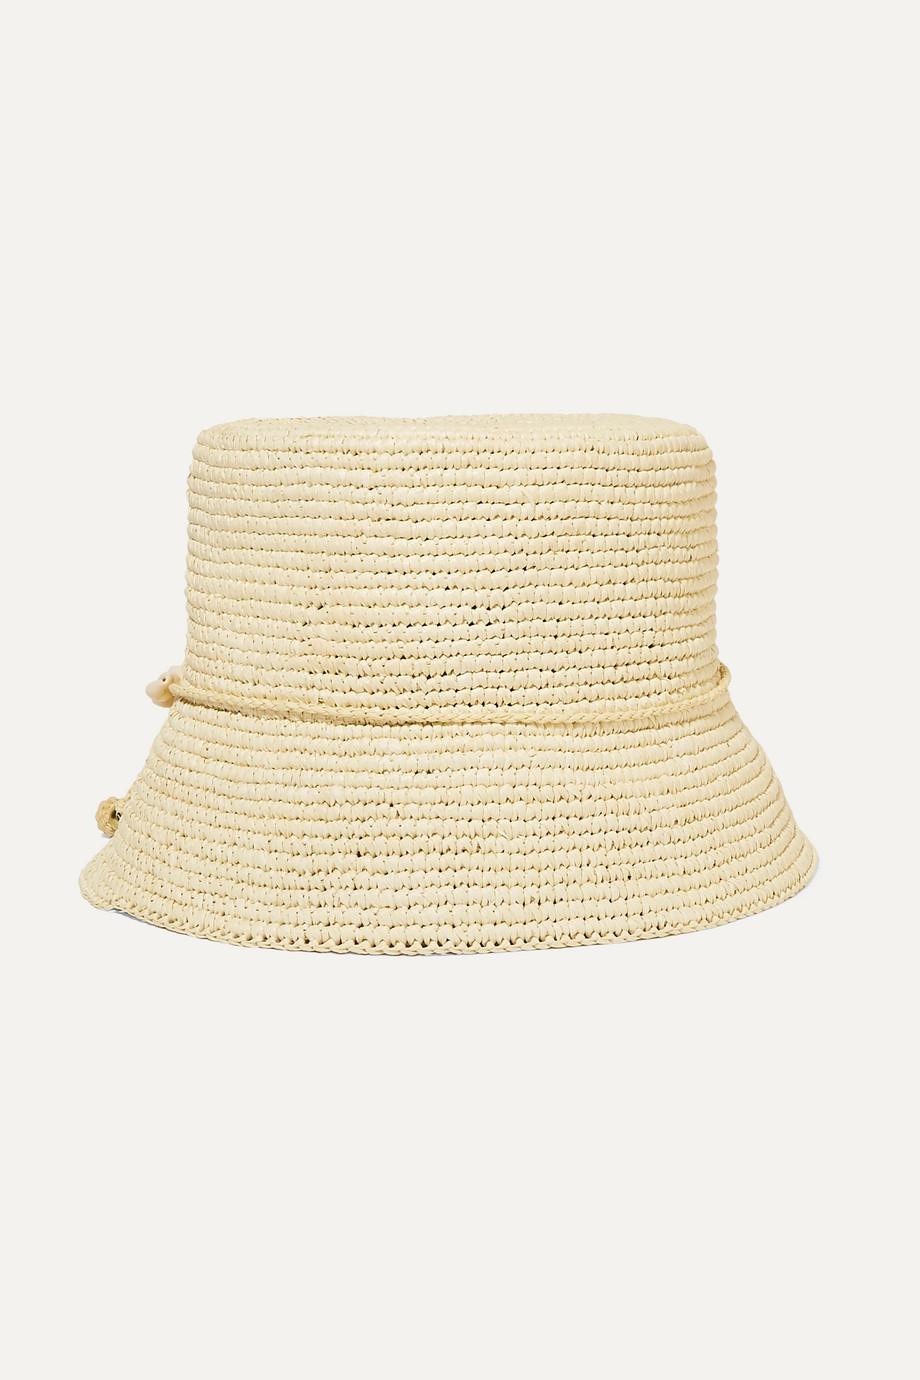 Sensi Studio Kids Embellished toquilla straw hat